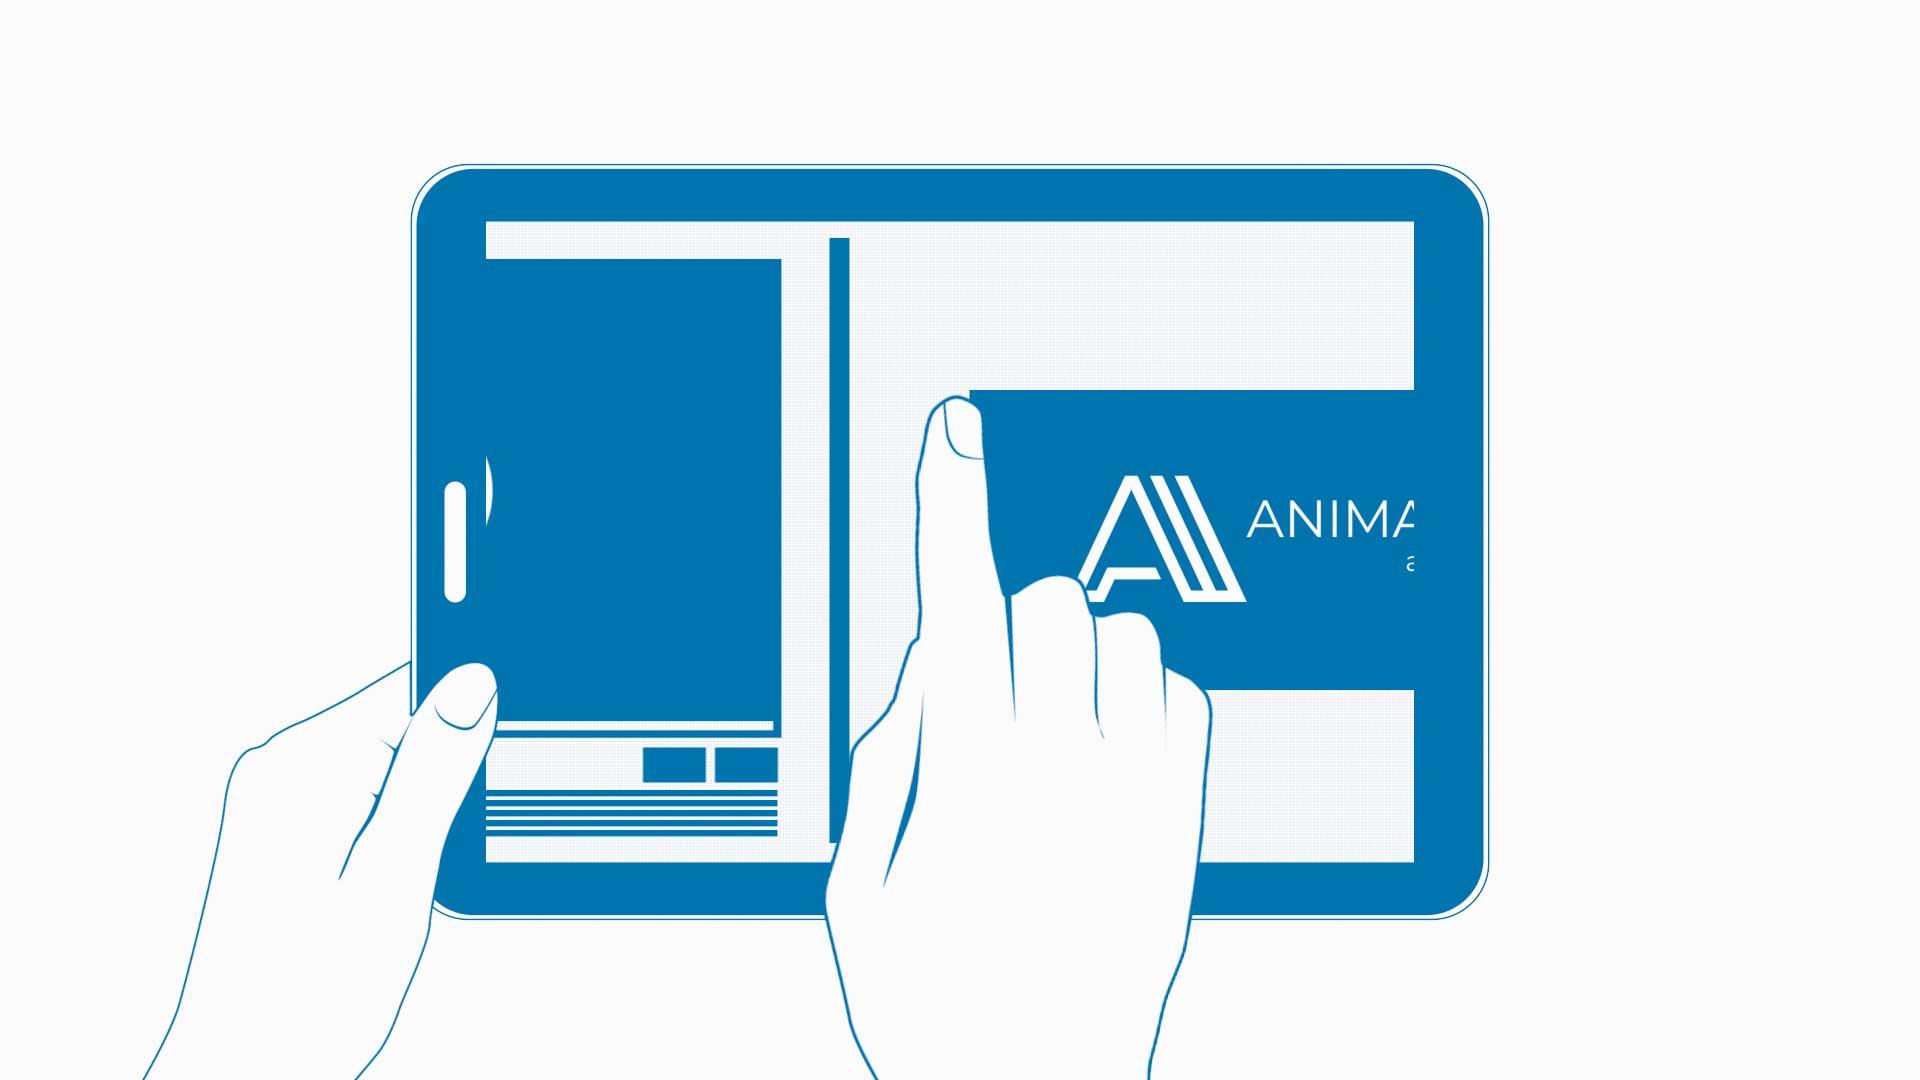 Logo-animado-Tableta-2D-AL225-animacion-logotipo